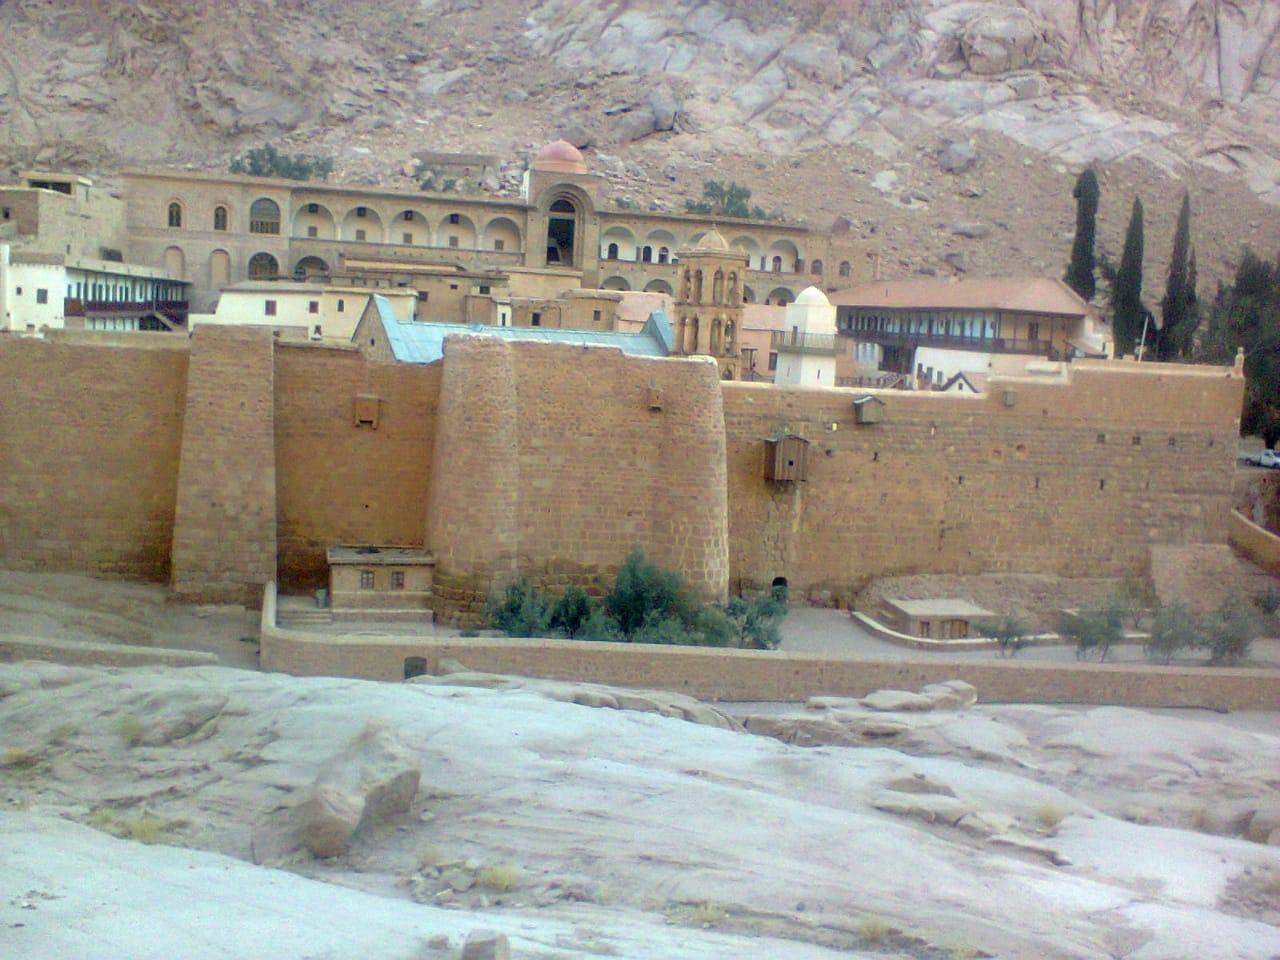 المواقع الأثرية بمنطقة جنوب سيناء (4)